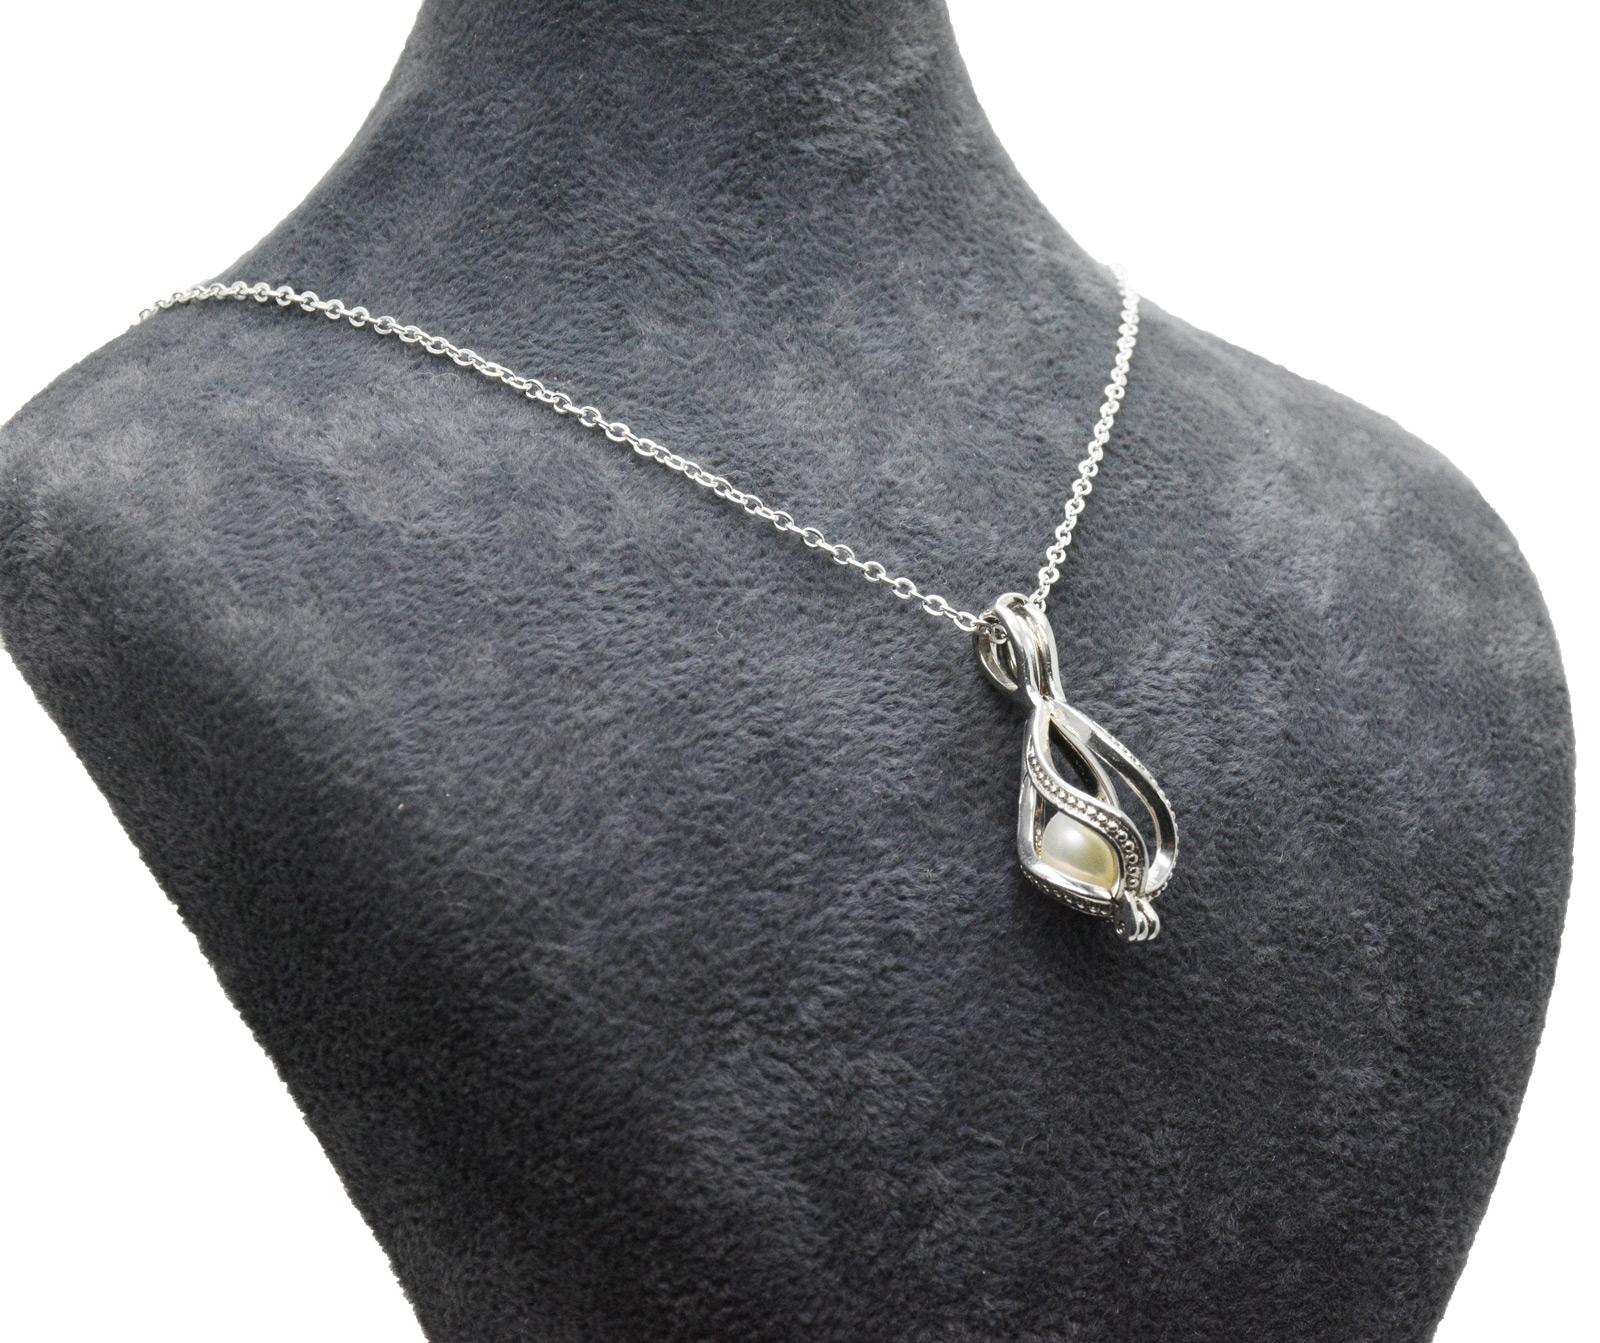 - Ahsen 925 Ayar Gümüş Kafes Doğal İnci Kolye Ucu AH-0179 (1)